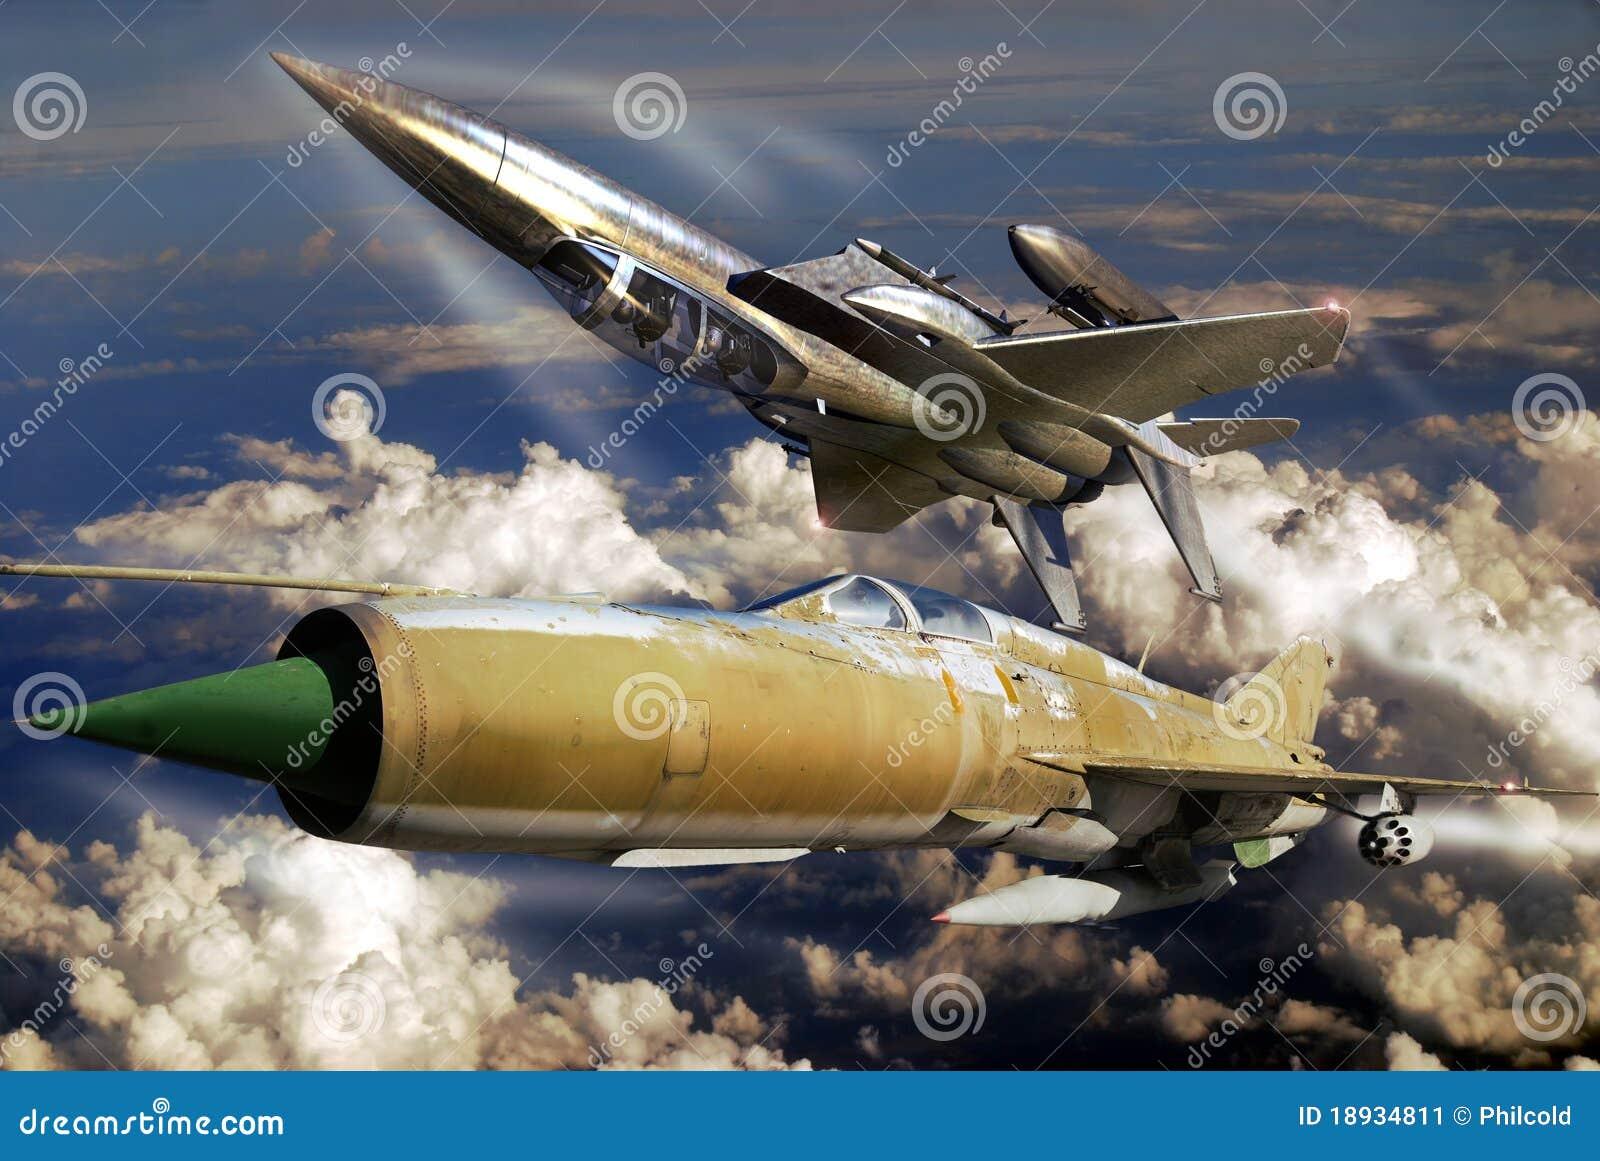 F15 contre MIG 21